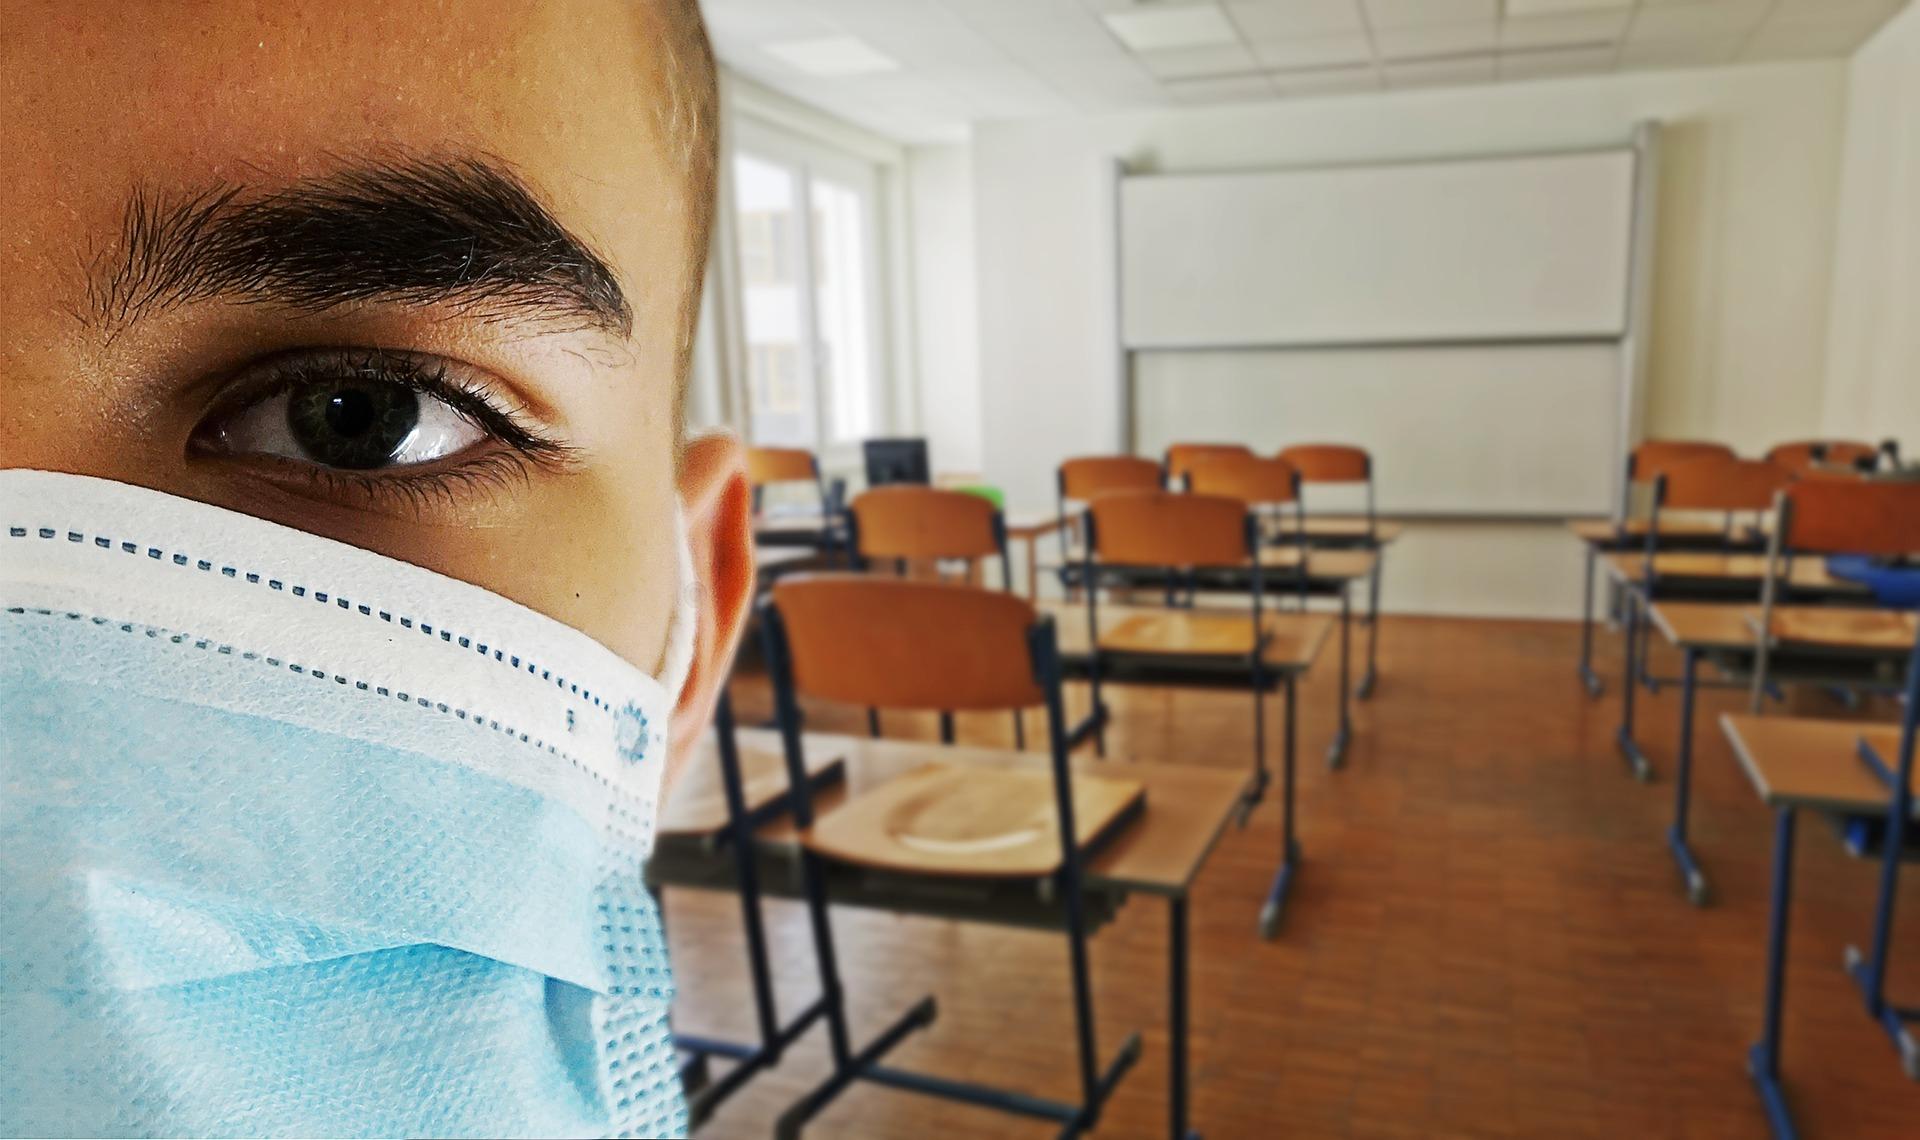 Šef lokalnog stožera kaže da je broj zaraženih porastao zbog povratka učenika u škole: 'Očekujem stabilizaciju'